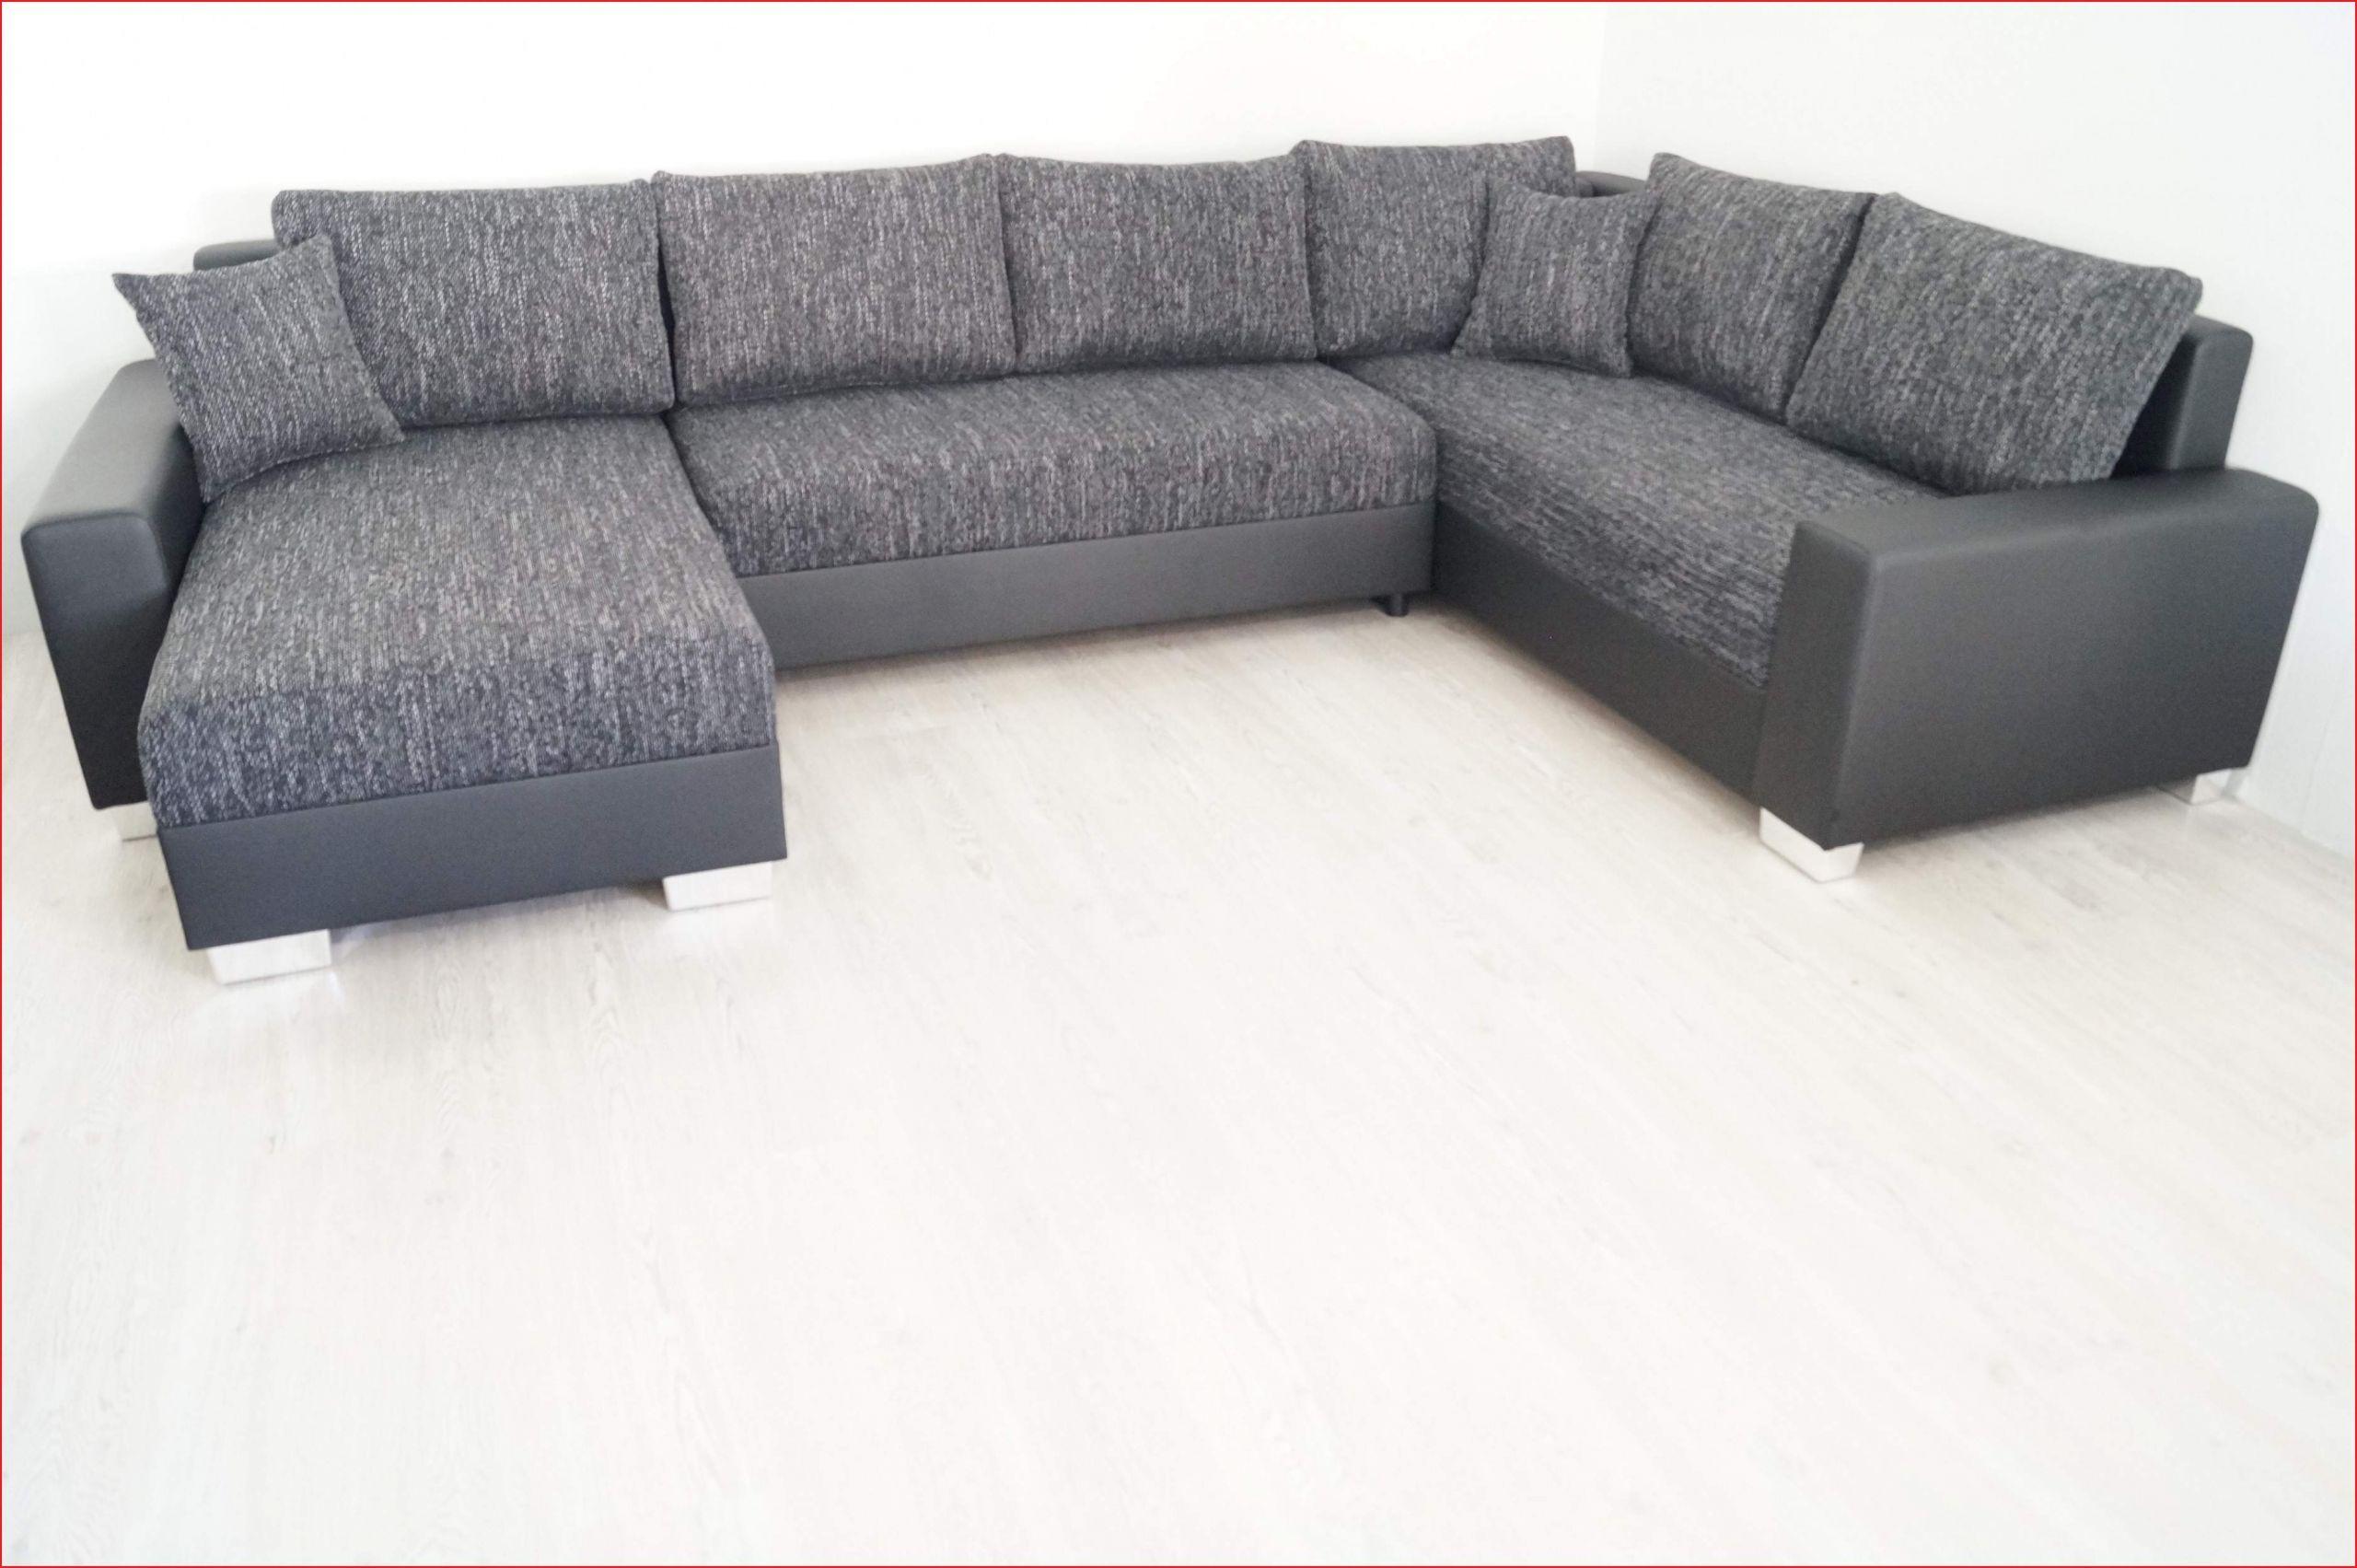 wohnzimmer couch gunstig genial sofa archives uroojzia of wohnzimmer couch gunstig